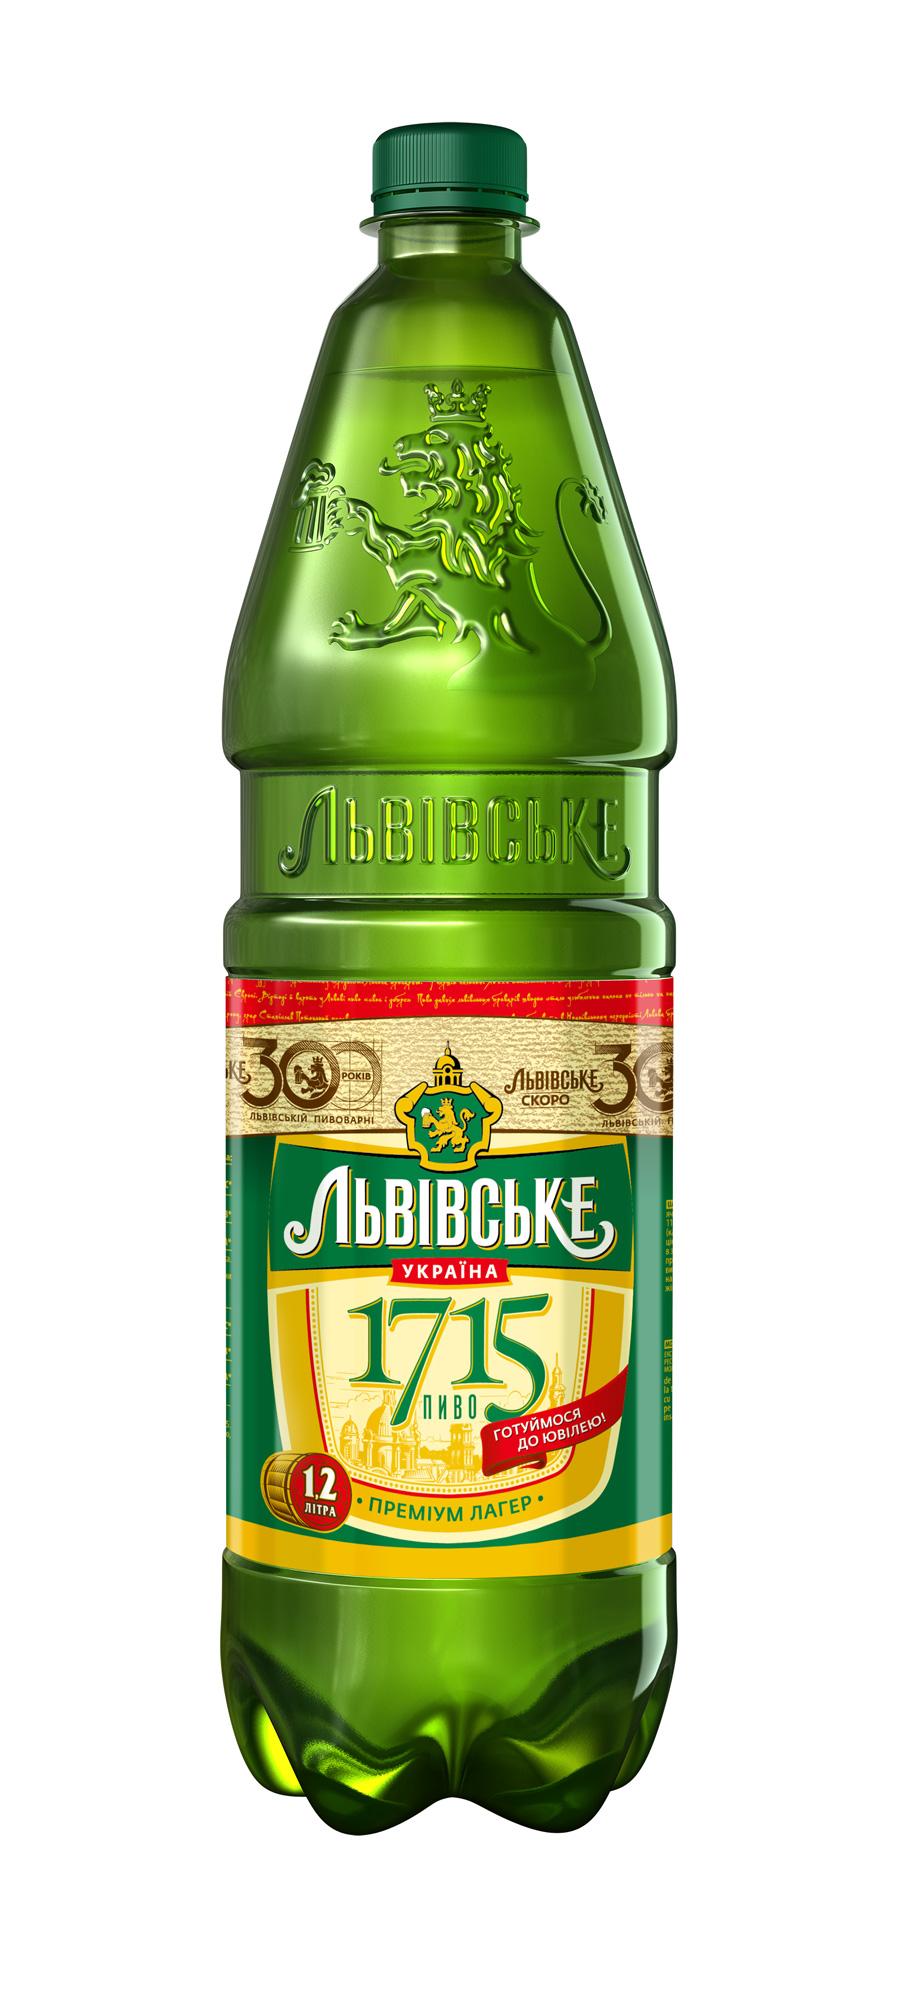 Фото: До 300-річчя «Львівської пивоварні» «Львівське» оновило етикетку.